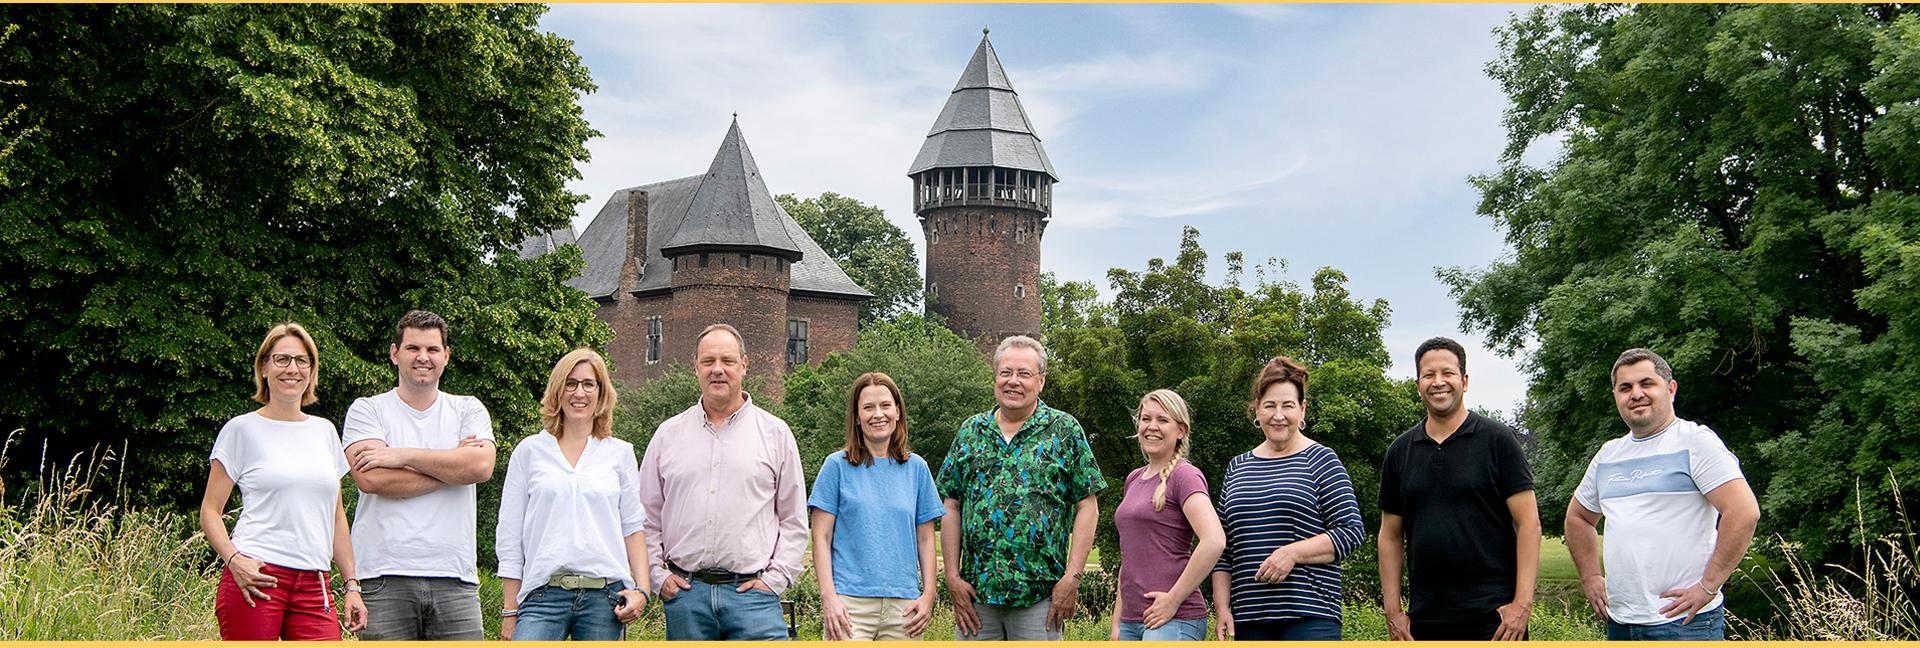 Zahntechnik Stennmanns in Krefeld - Vor unserem Wahrzeichen Burg Linn